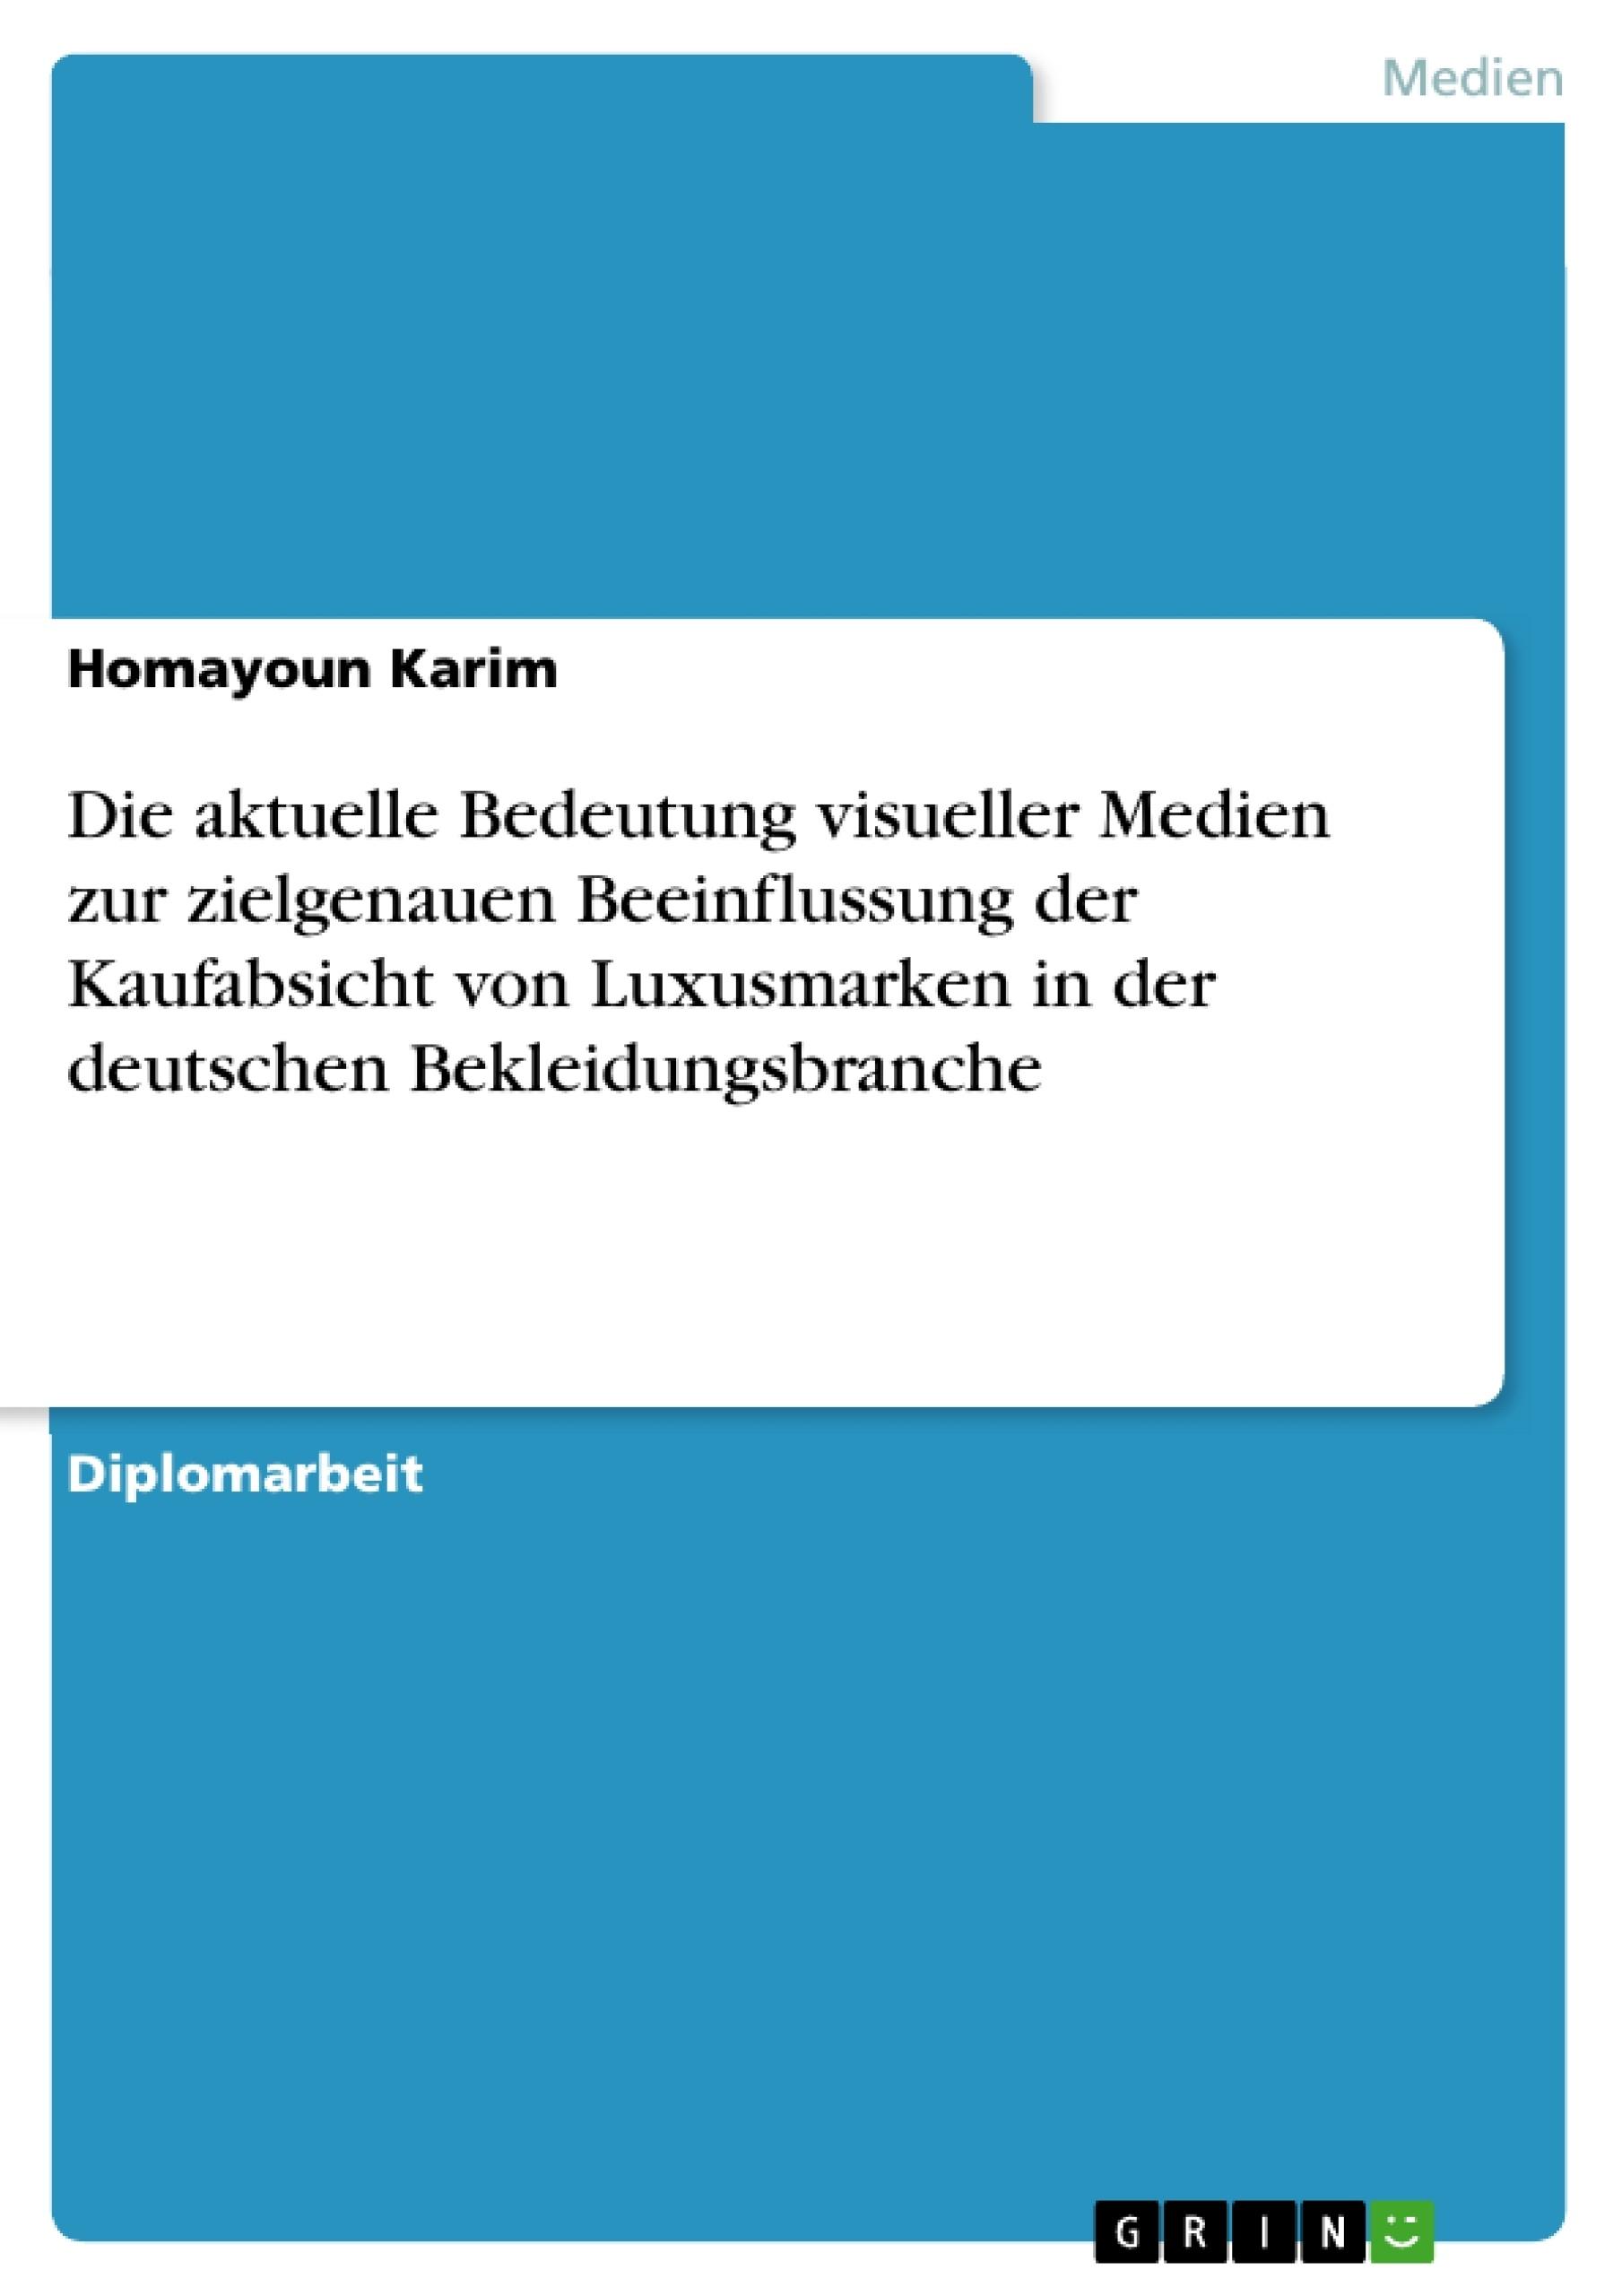 Titel: Die aktuelle Bedeutung visueller Medien zur zielgenauen Beeinflussung der Kaufabsicht von Luxusmarken in der deutschen Bekleidungsbranche